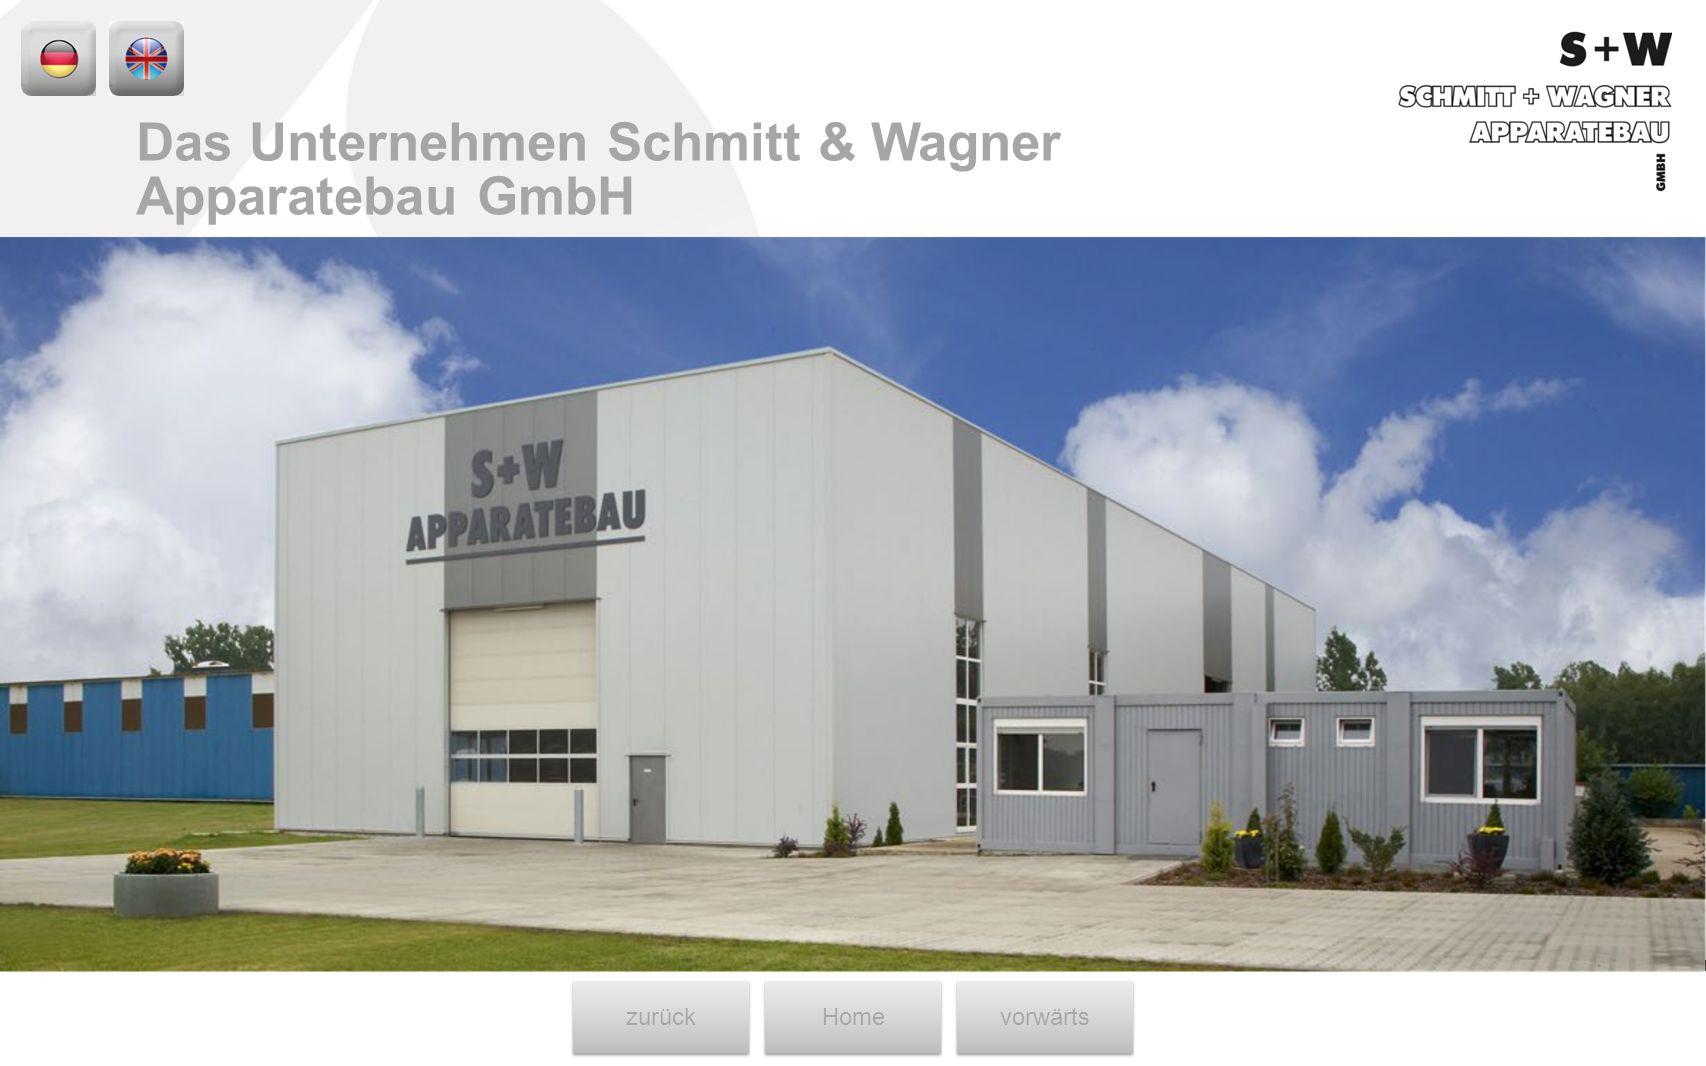 Das Unternehmen Schmitt & Wagner Apparatebau GmbH